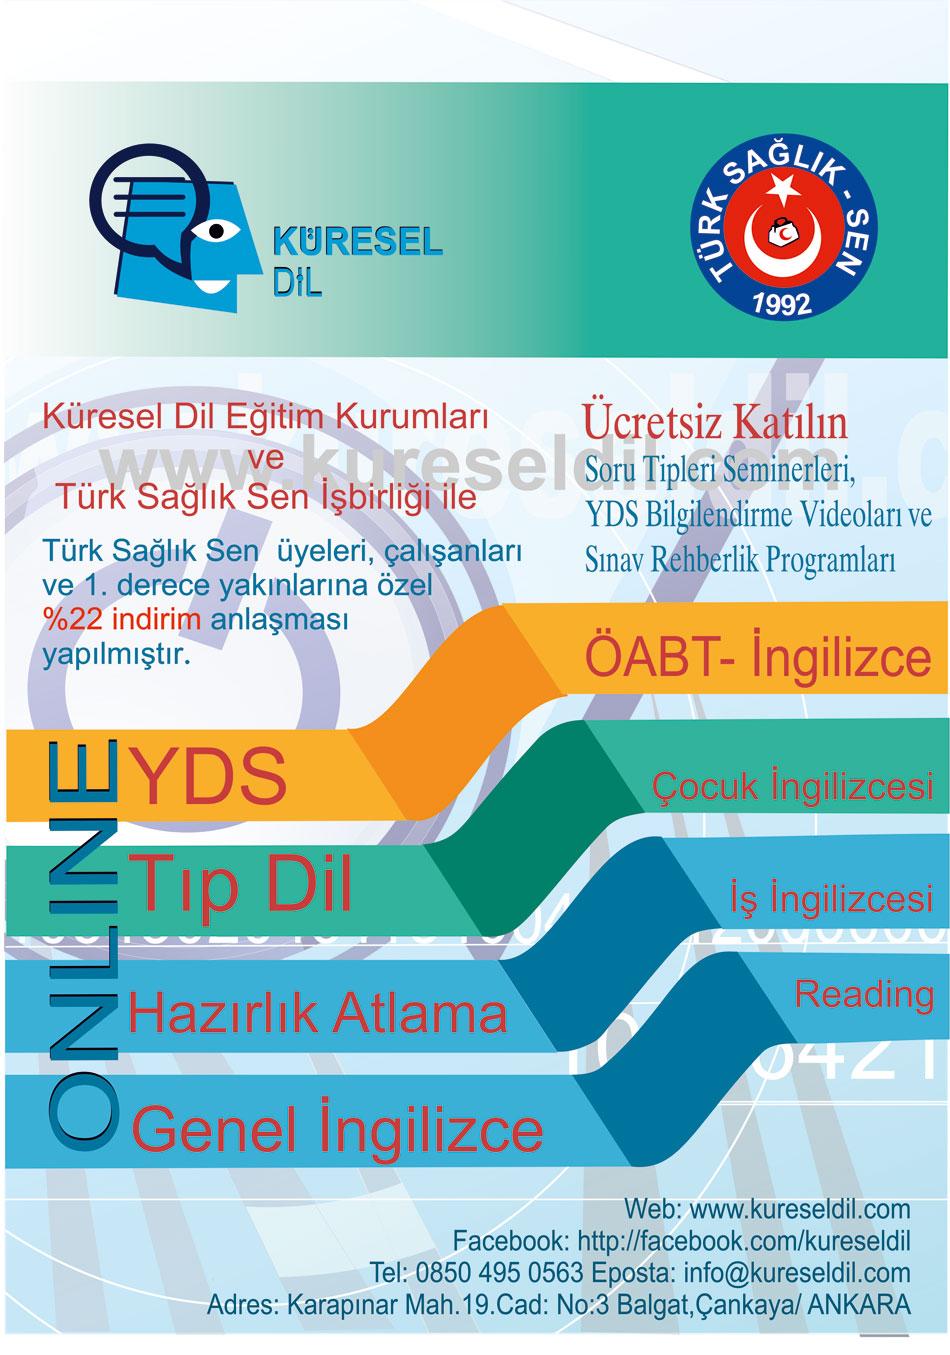 Küresel Dil ile Türk Sağlık Sen arasında üyelerimize özel indirim anlaşması yapıldı.